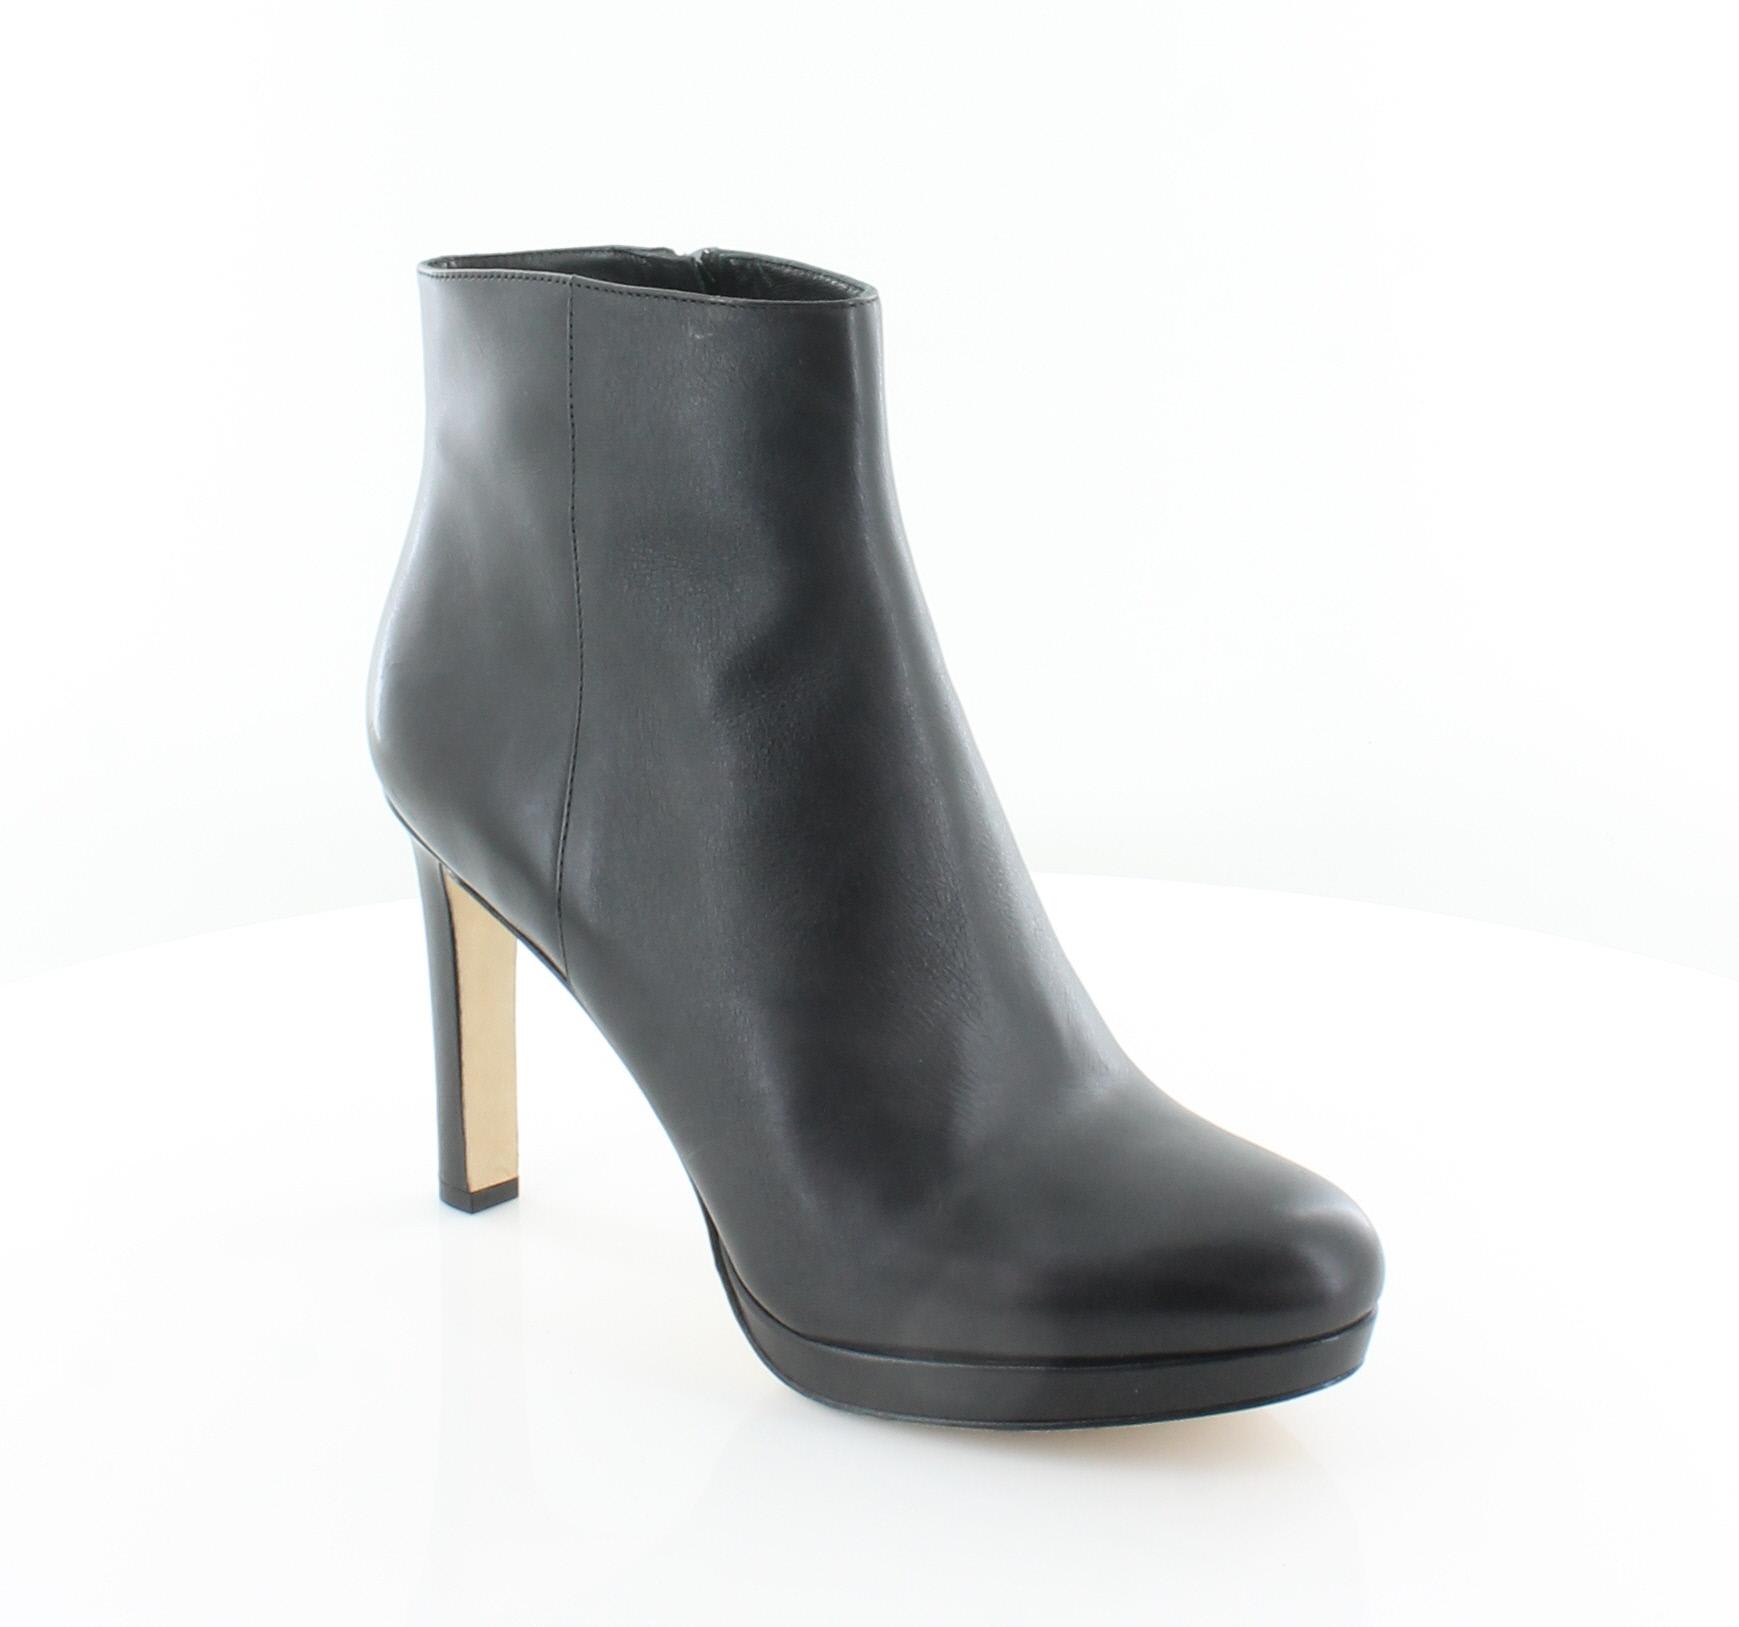 Via Spiga Bettie Black Womens Shoes Size 9 M Boots MSRP $275